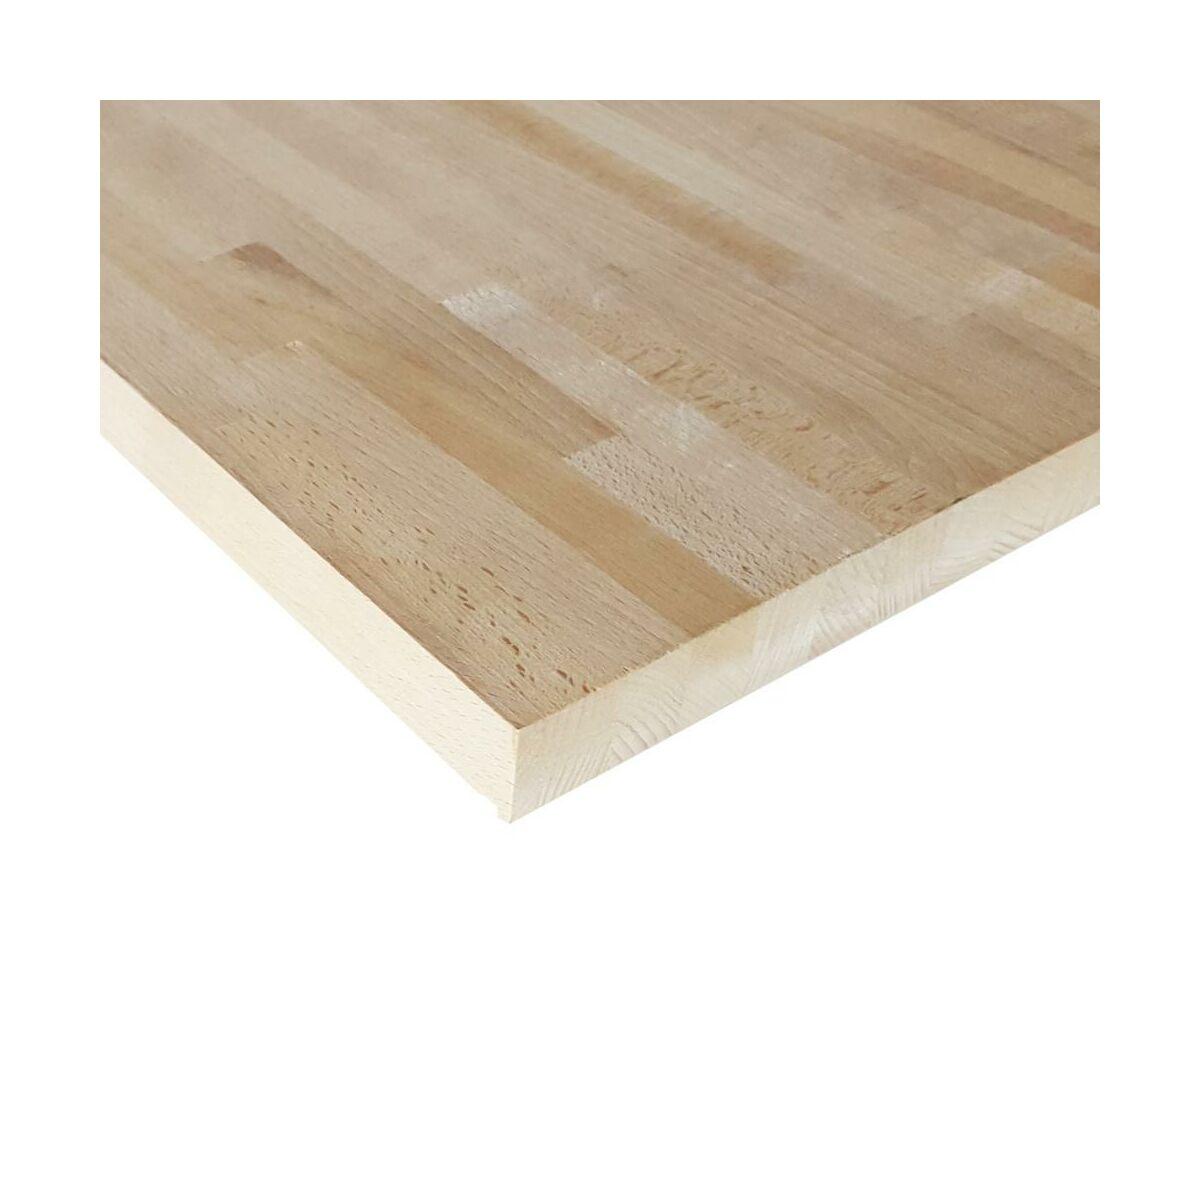 Blat Kuchenny Drewniany Buk Dlh Blaty Drewniane W Atrakcyjnej Cenie W Sklepach Leroy Merlin